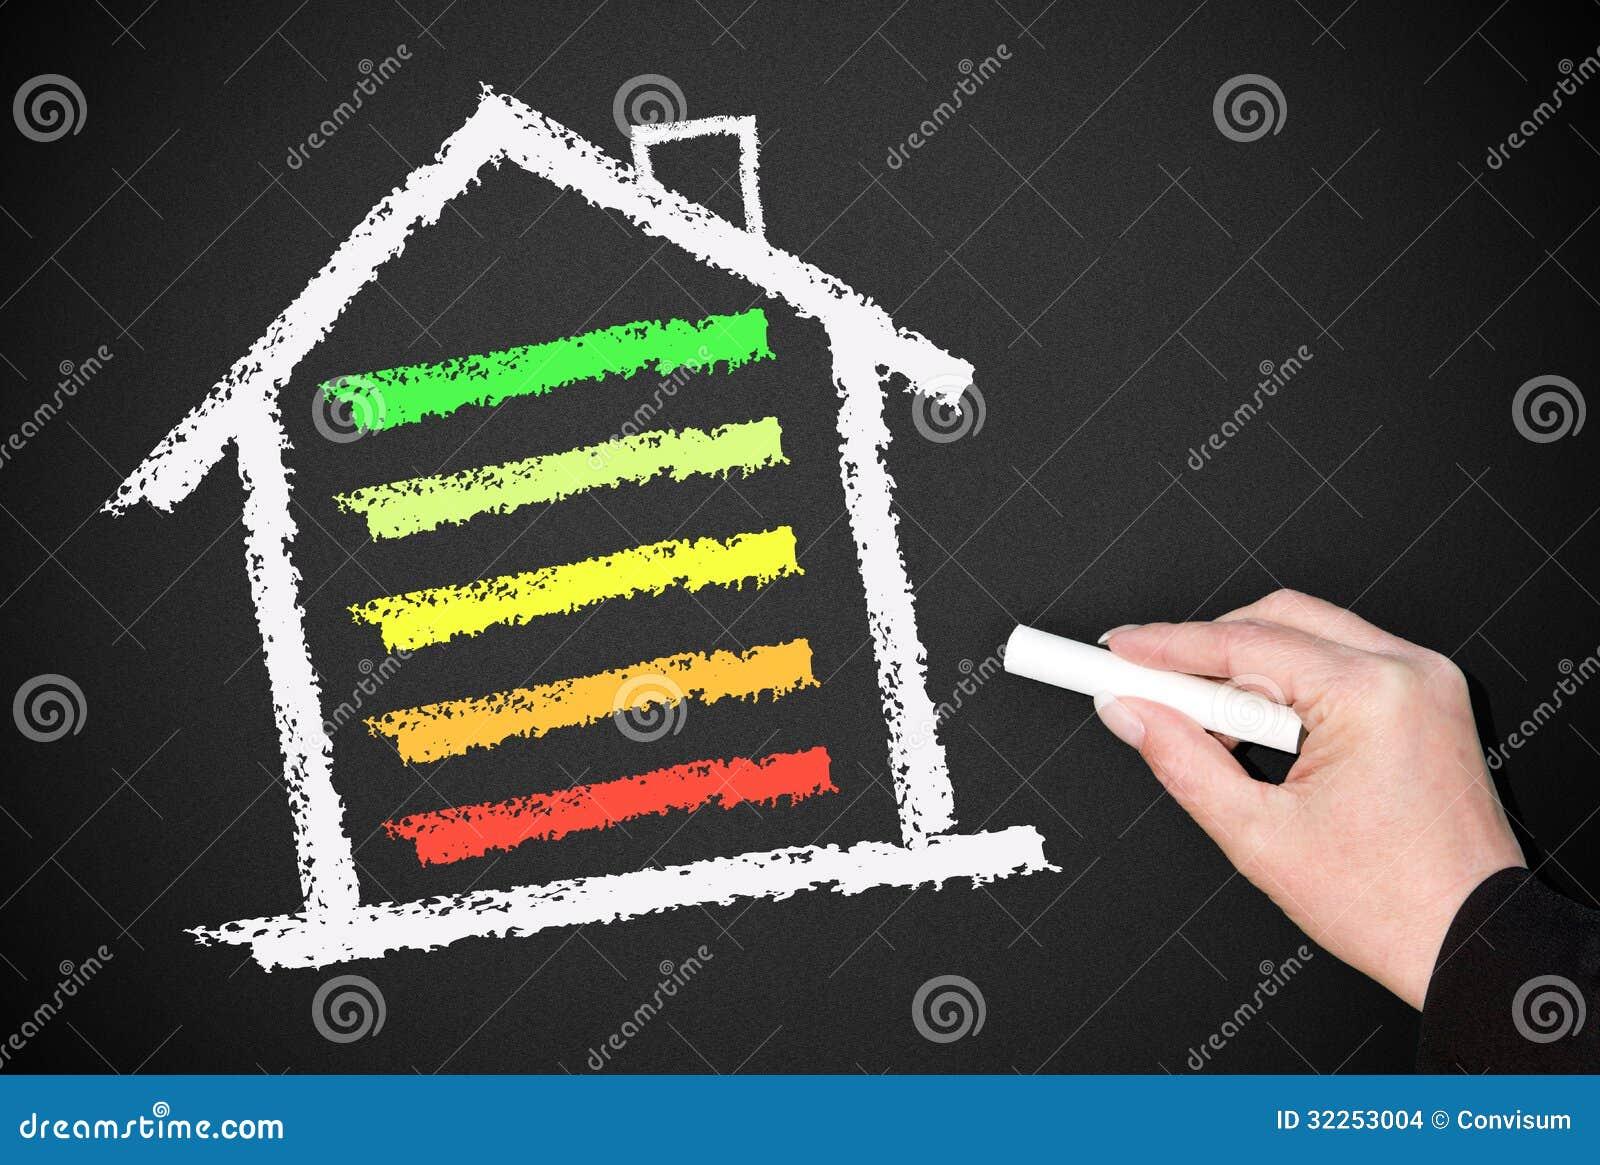 Energy efficiency of house